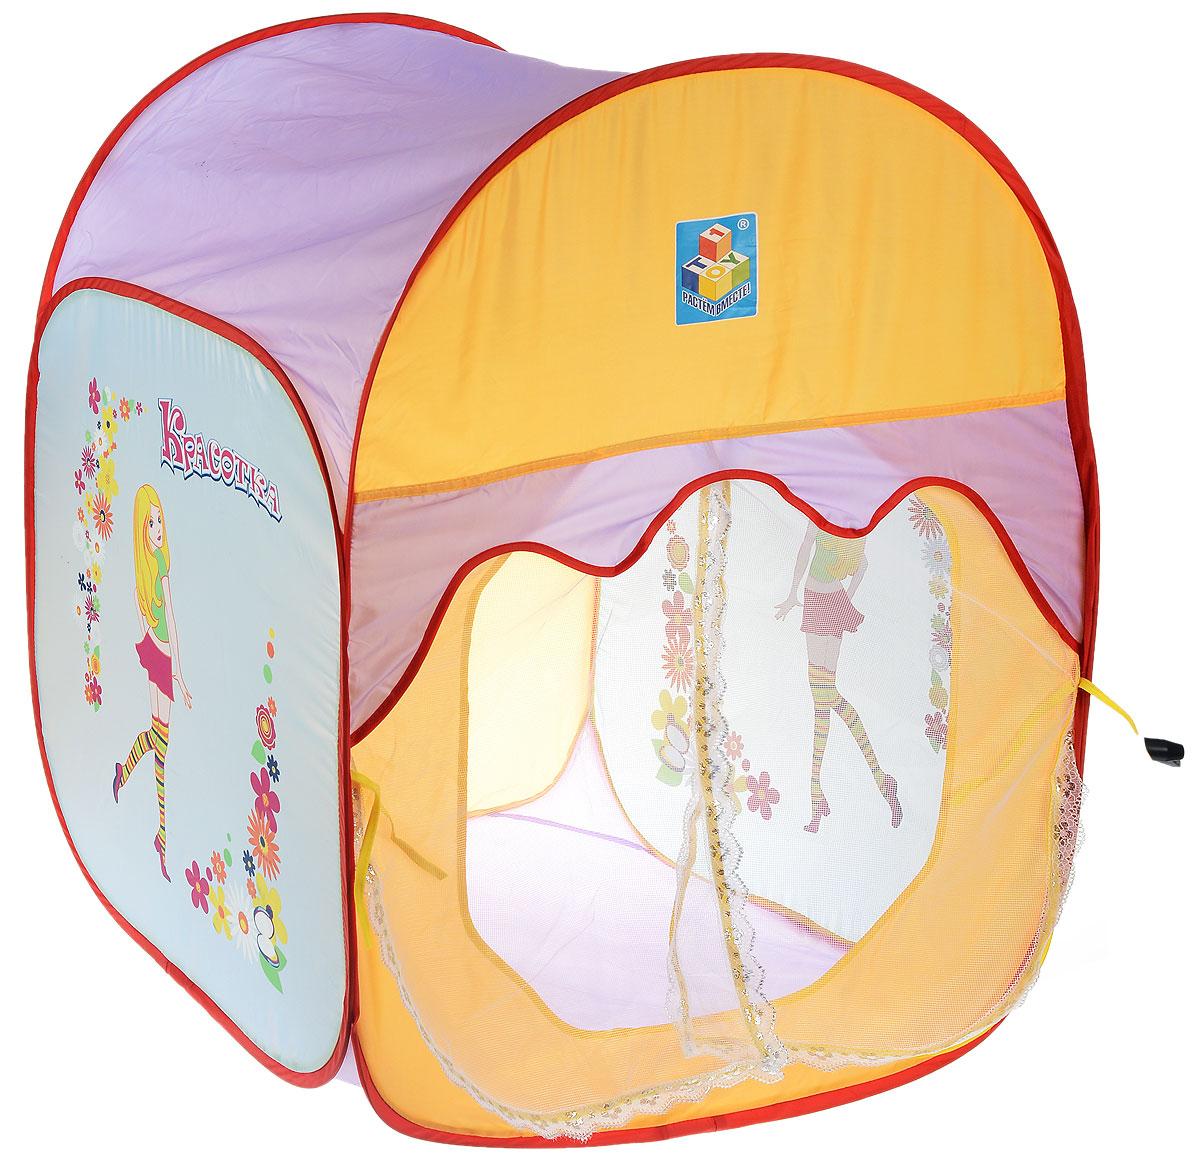 1TOY Детская игровая палатка Красотка цвет желтый голубойТ52675_желтый, голубойДетская игровая палатка Красотка идеально подойдет для веселых игр, как на улице, так и в помещении. Она выполнена в виде округлой палатки с одним входом. Каждый ребенок время от времени мечтает жить в своем собственном маленьком городке, представляя окружающий мир без взрослых. Вашему ребенку с друзьями будет очень весело прятаться от взрослых в этой палатке. Палатка выполнена из легкого прочного текстиля в светлых тонах и оформлена изображением куколки Красотки. Палатка при складывании занимает совсем немного места. Ее удобно хранить в сумке-чехле, которая также входит в комплект. Сумка закрывается на застежку-молнию и оснащена двумя ручками для переноски. Ваш ребенок с удовольствием будет играть в такой палатке, придумывая различные истории.